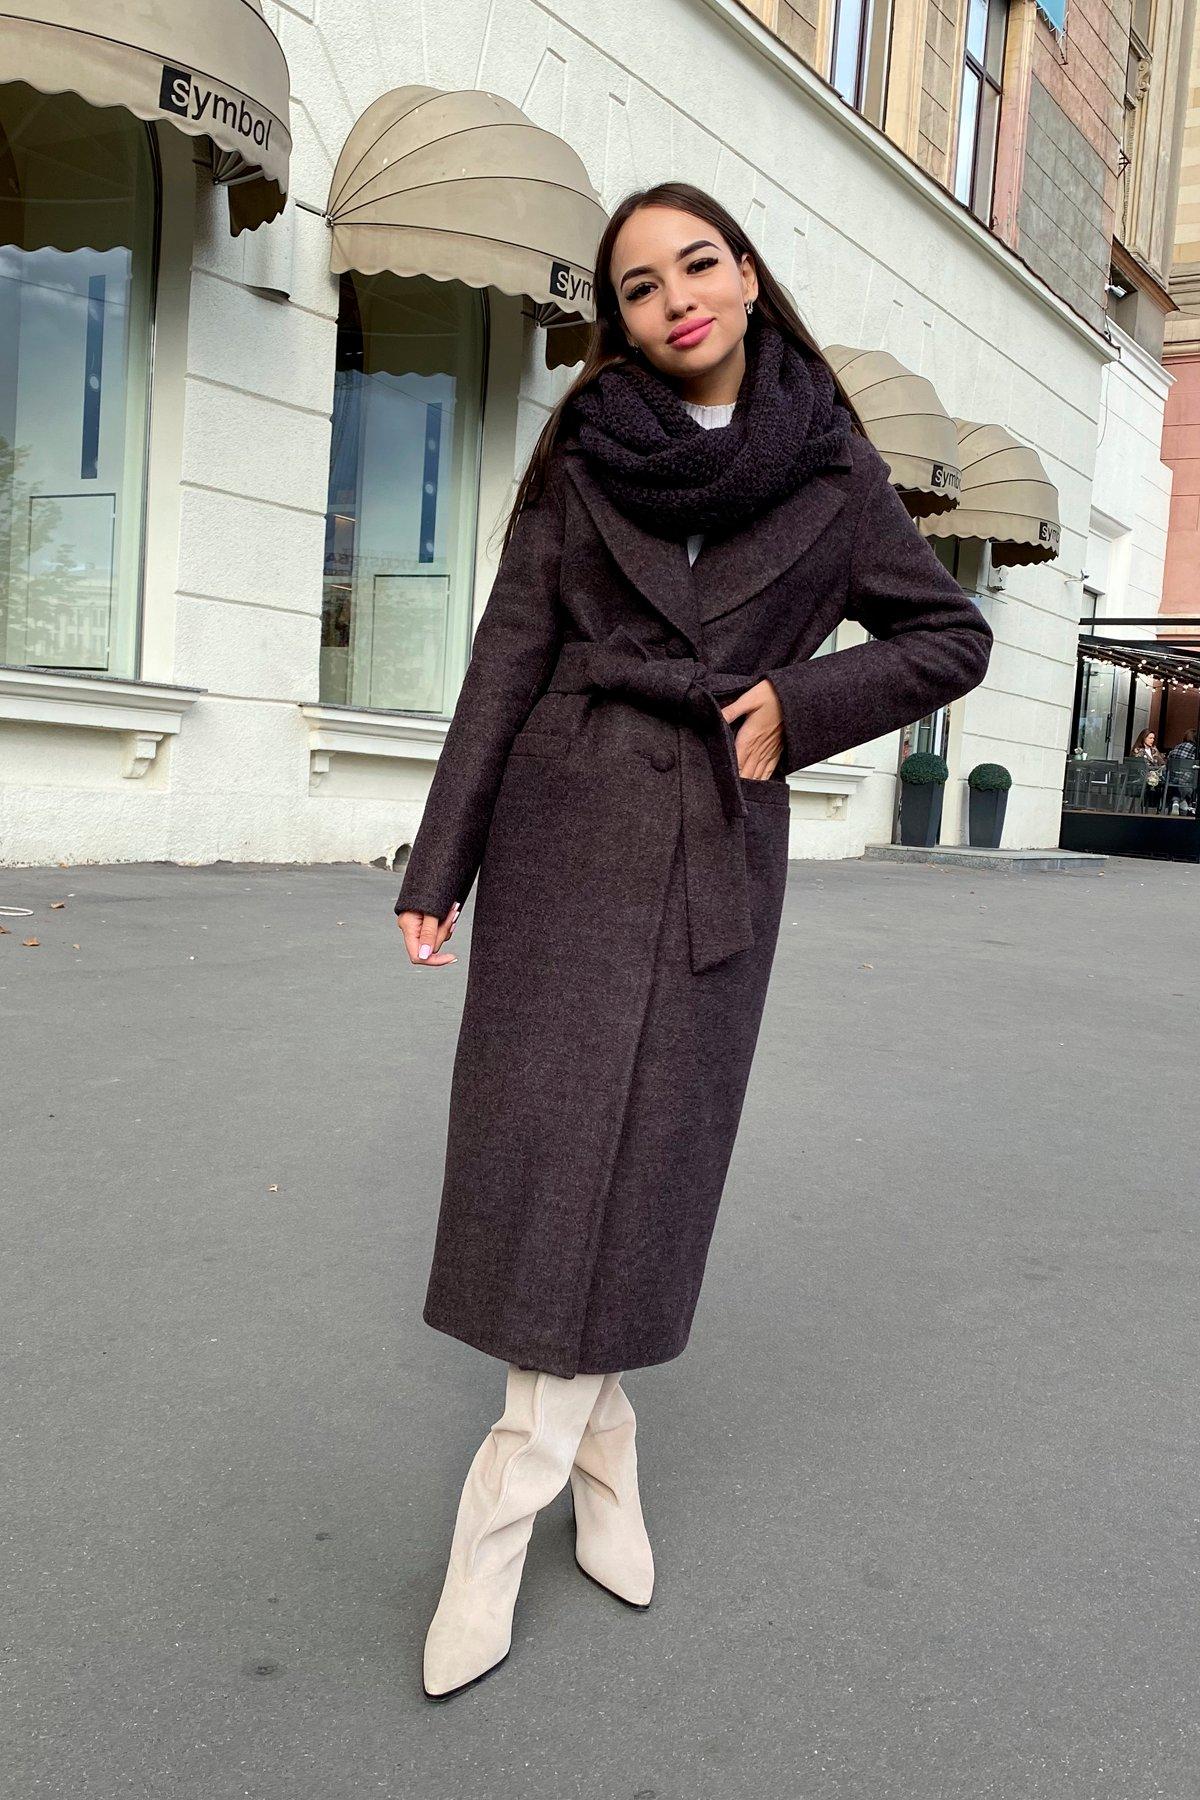 Длинное пальто зима Вива макси 8341 АРТ. 44495 Цвет: Шоколад 7 - фото 9, интернет магазин tm-modus.ru